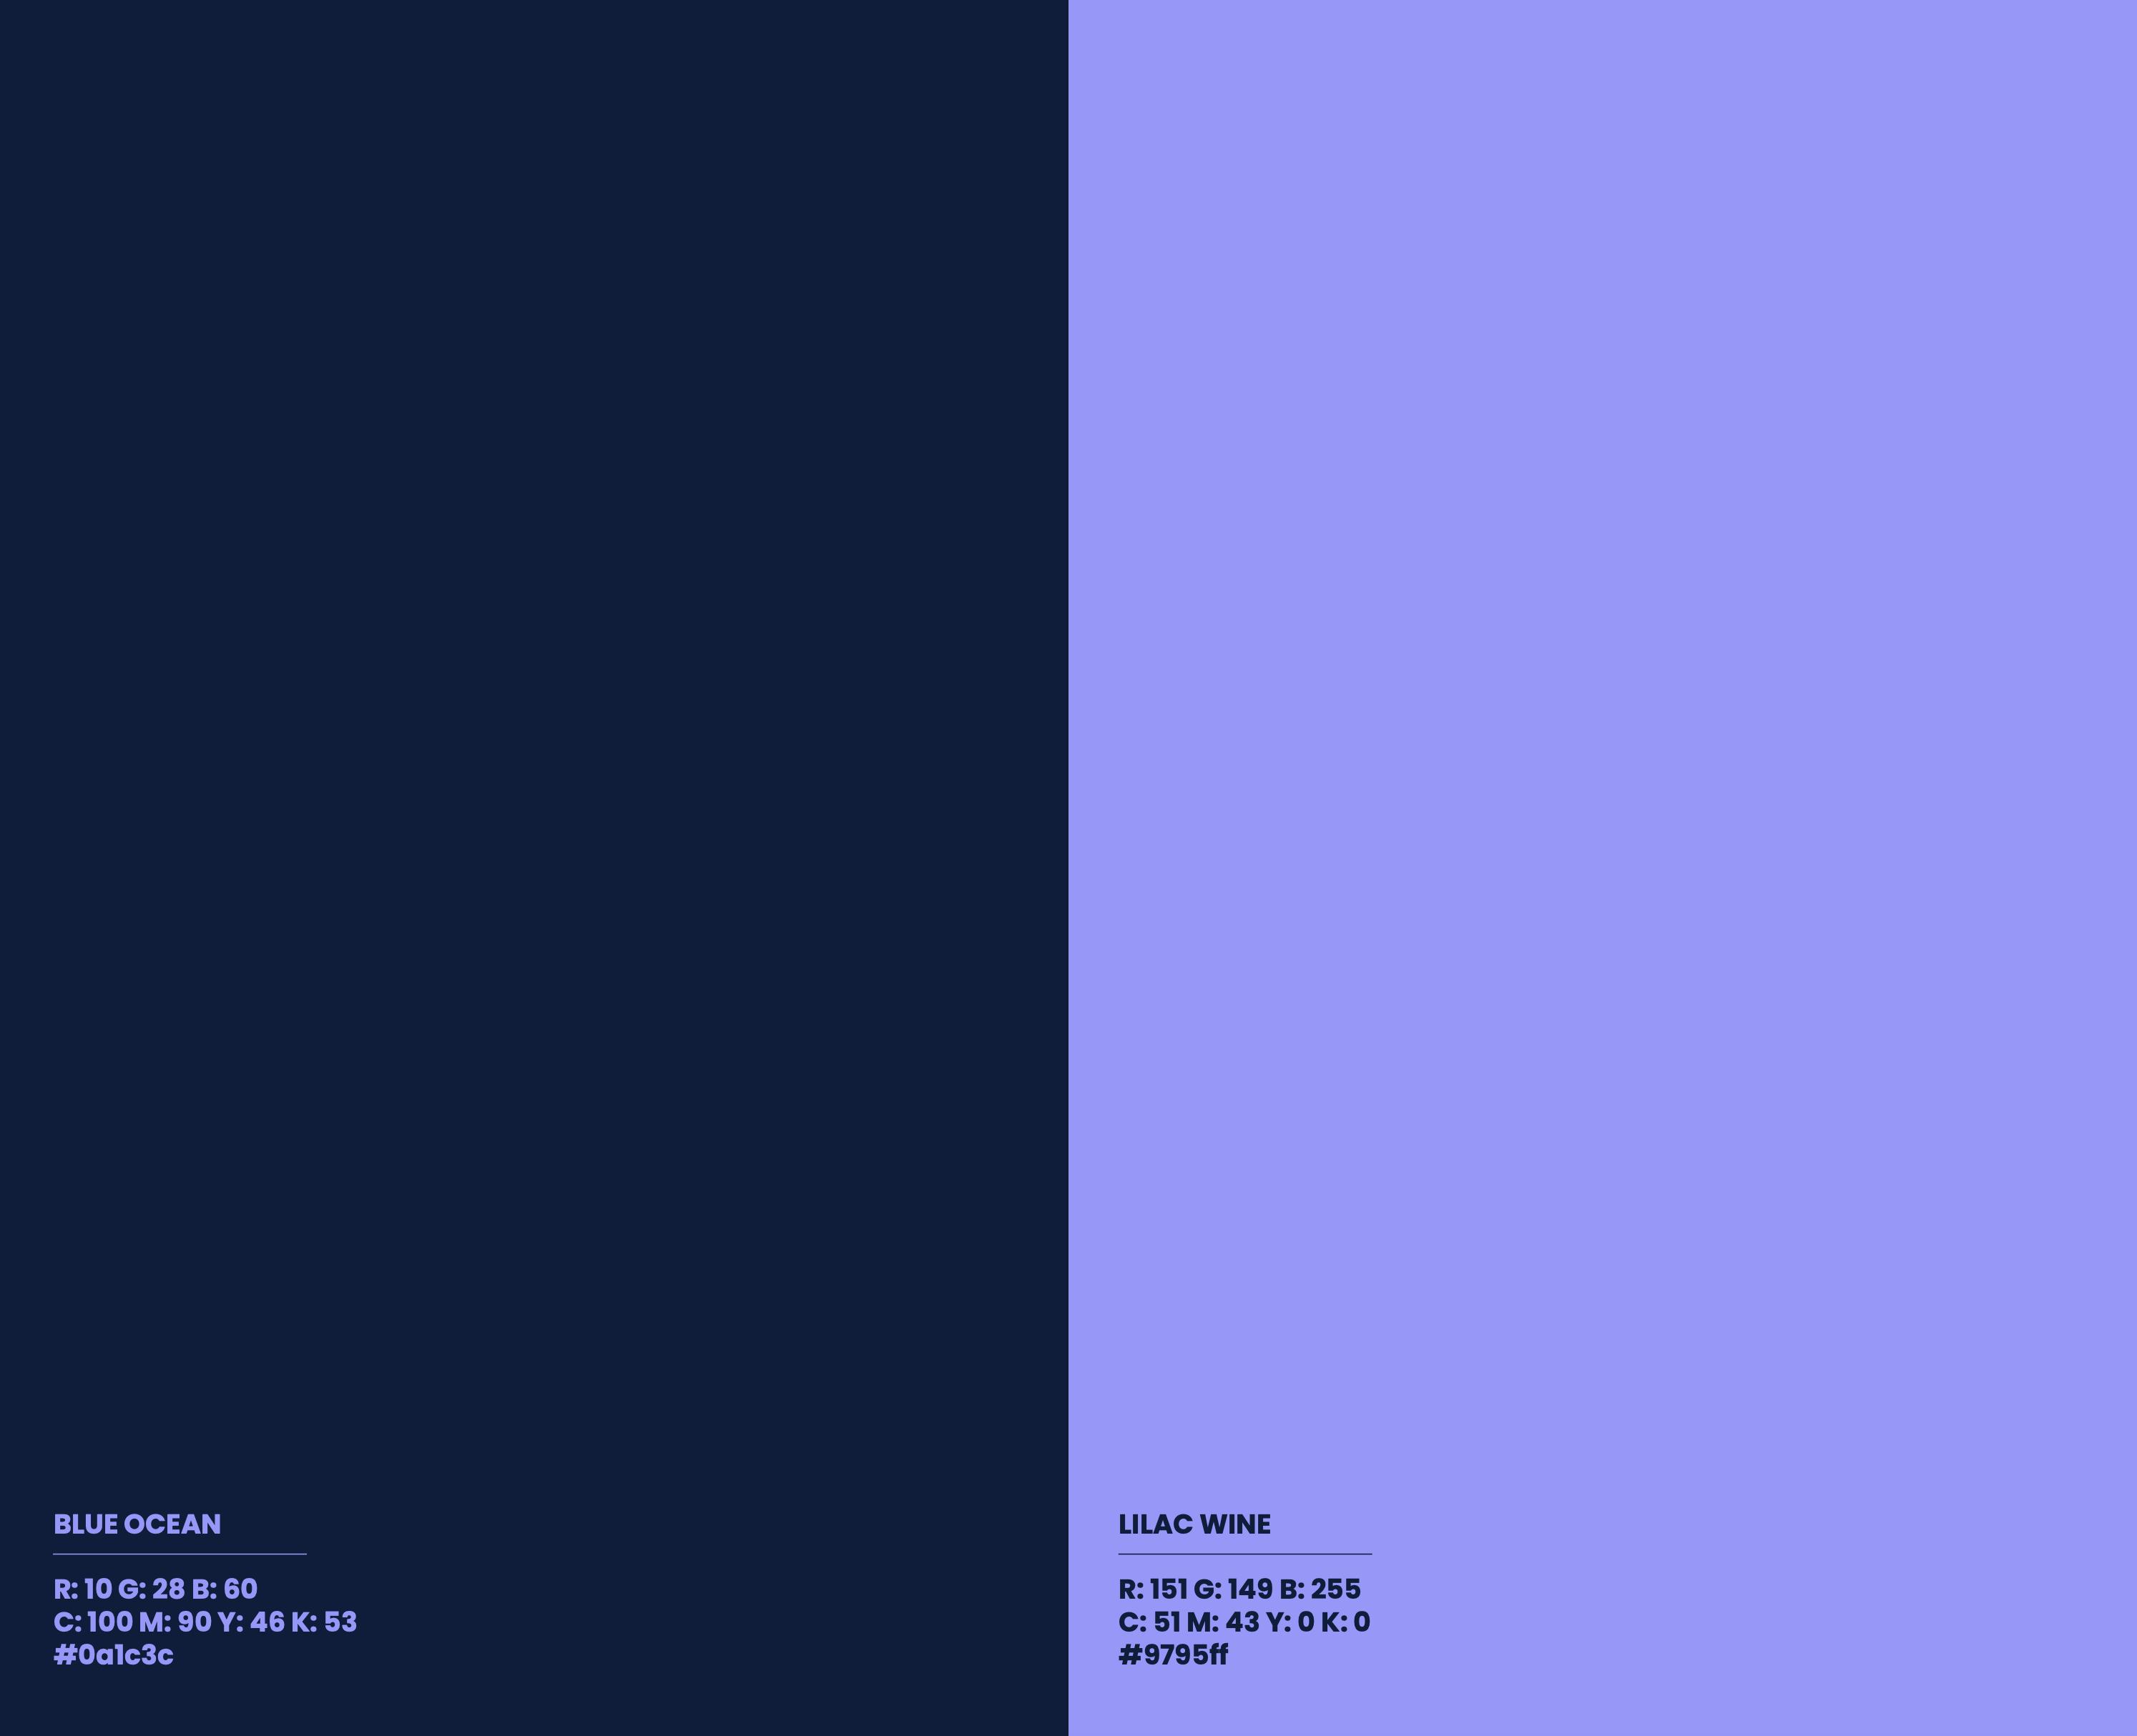 crunch-time-emma-edwards-graphic-designer-logo